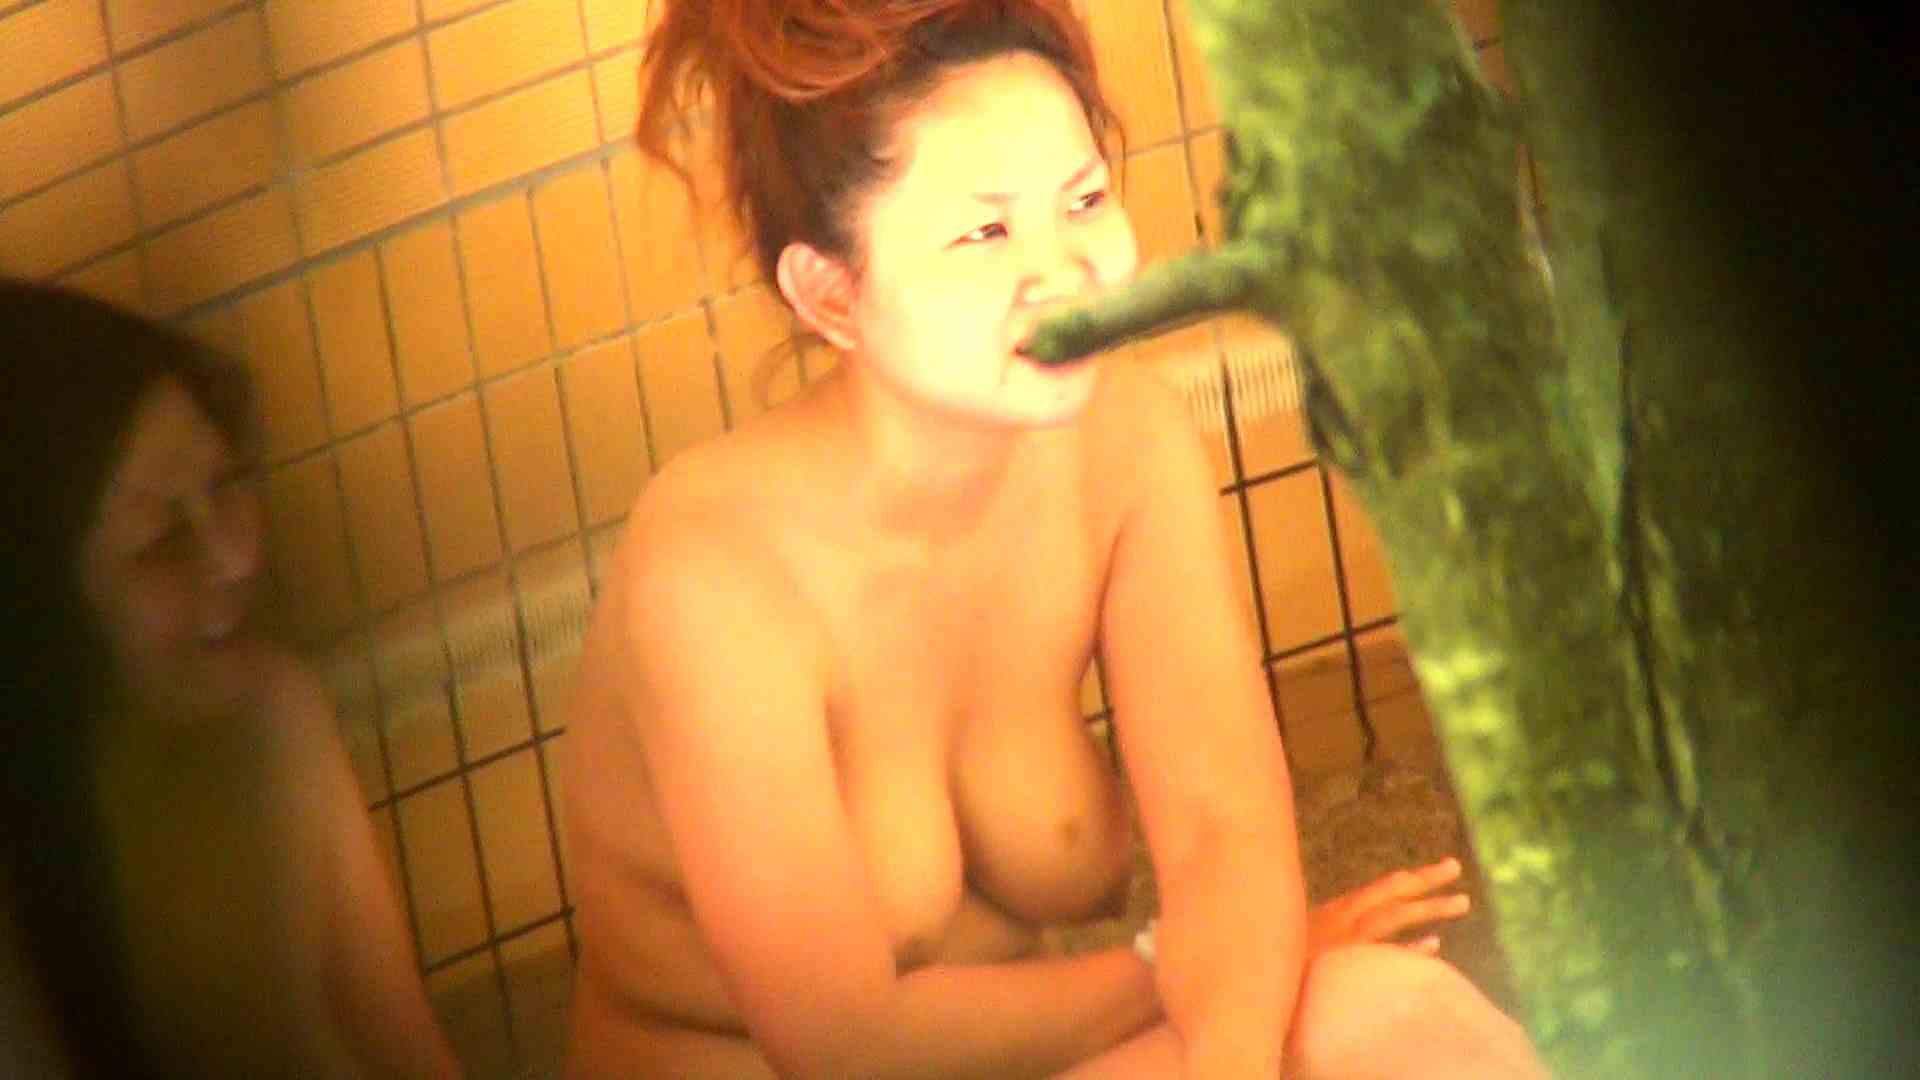 Aquaな露天風呂Vol.267 美しいOLの裸体  104pic 90